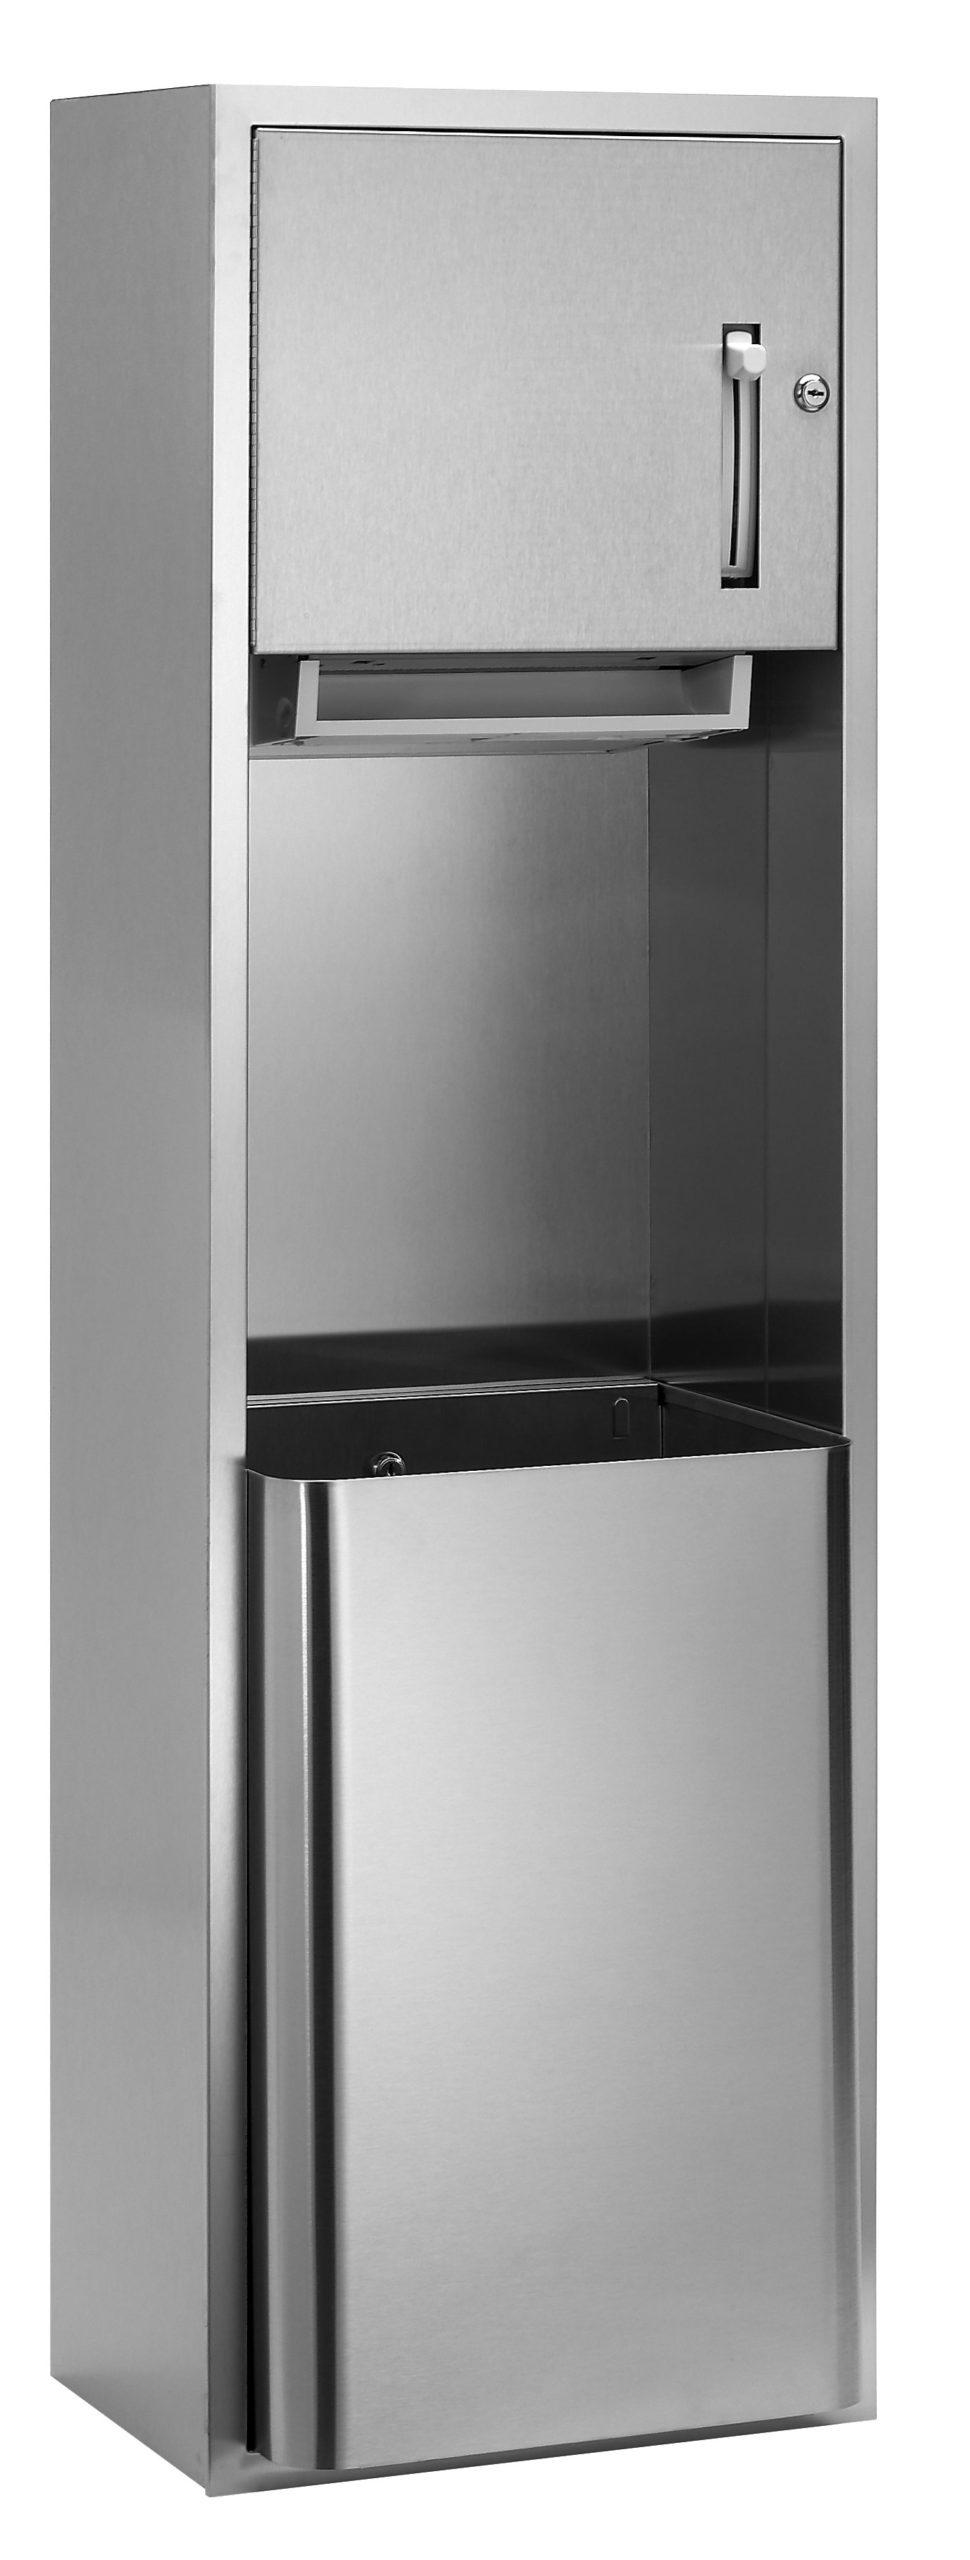 Bradley 227-10 Semi-Recessed Roll Towel Dispenser & 18 gal. Waste Receptacle